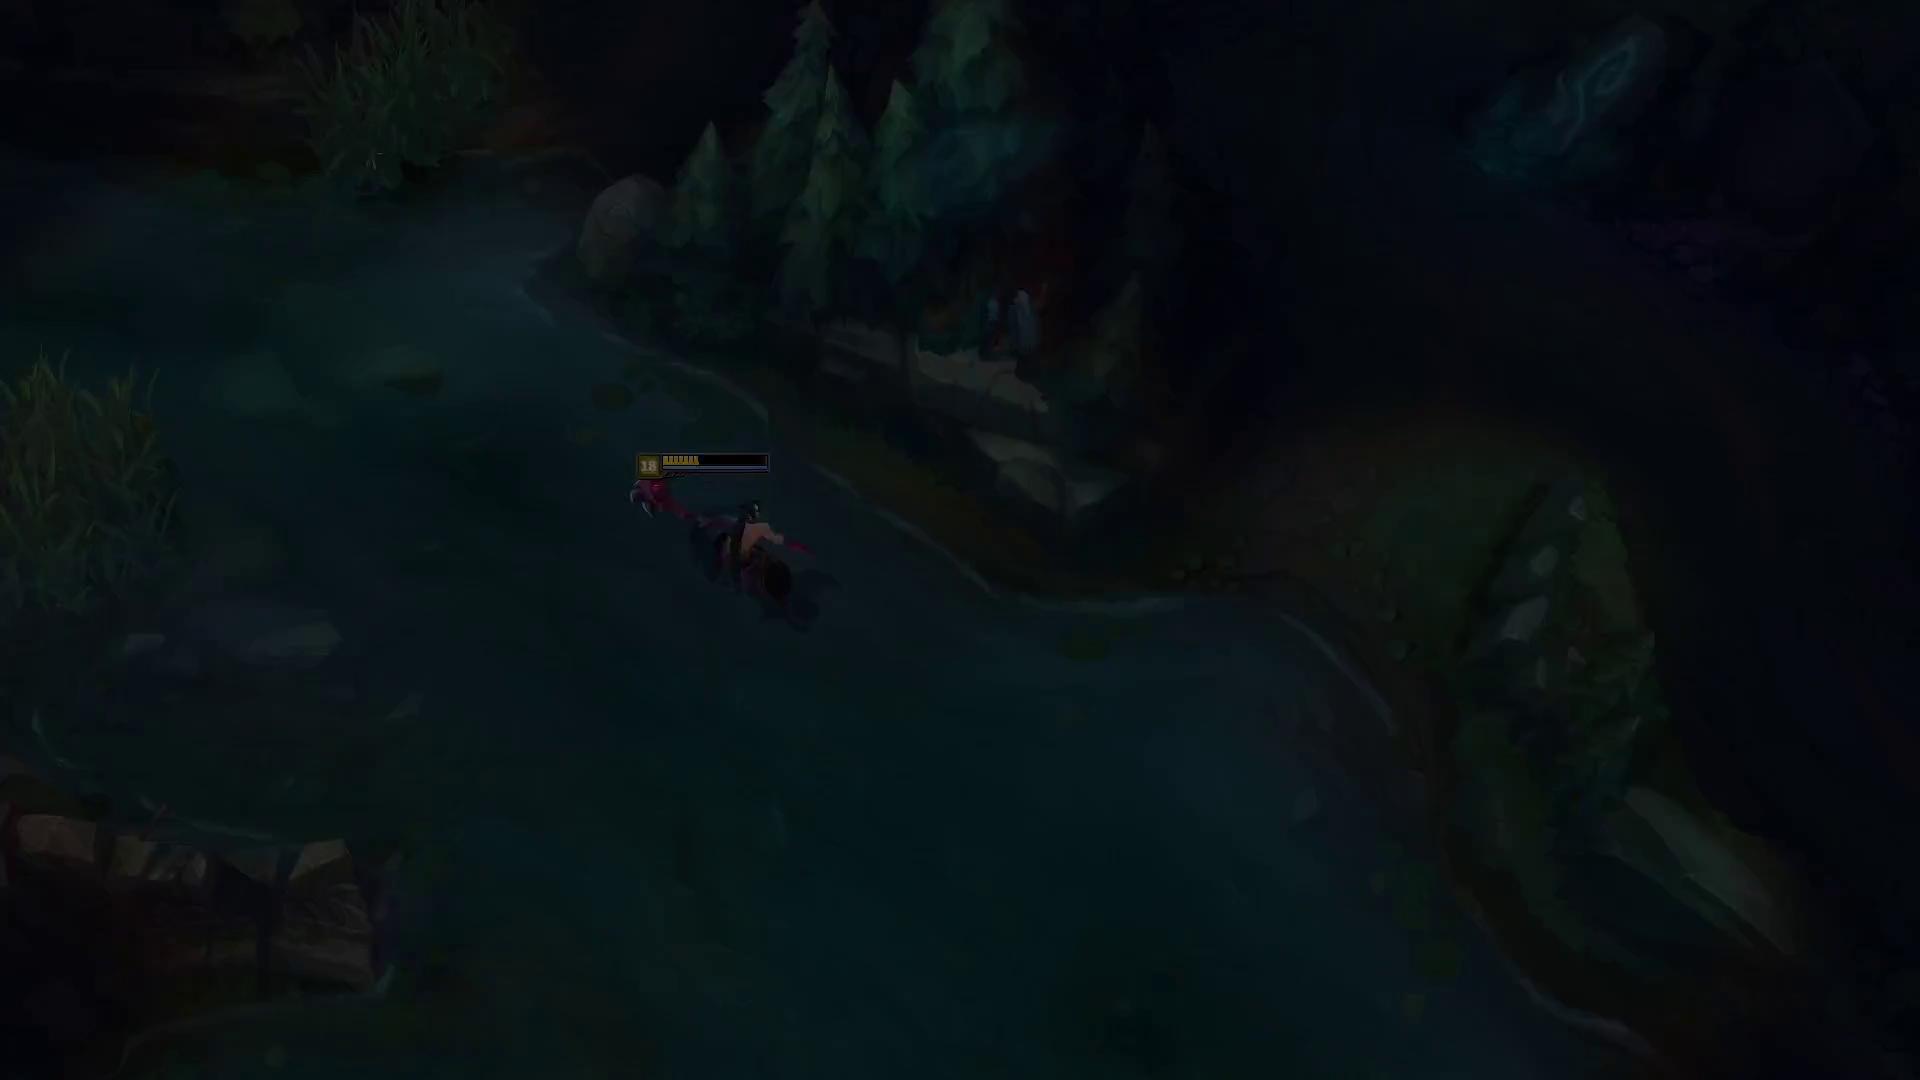 Leona dính Bug siêu khủng đi xuyên tường thoải mái, hóa ra phần ngoài bản đồ LMHT trông như thế này đây